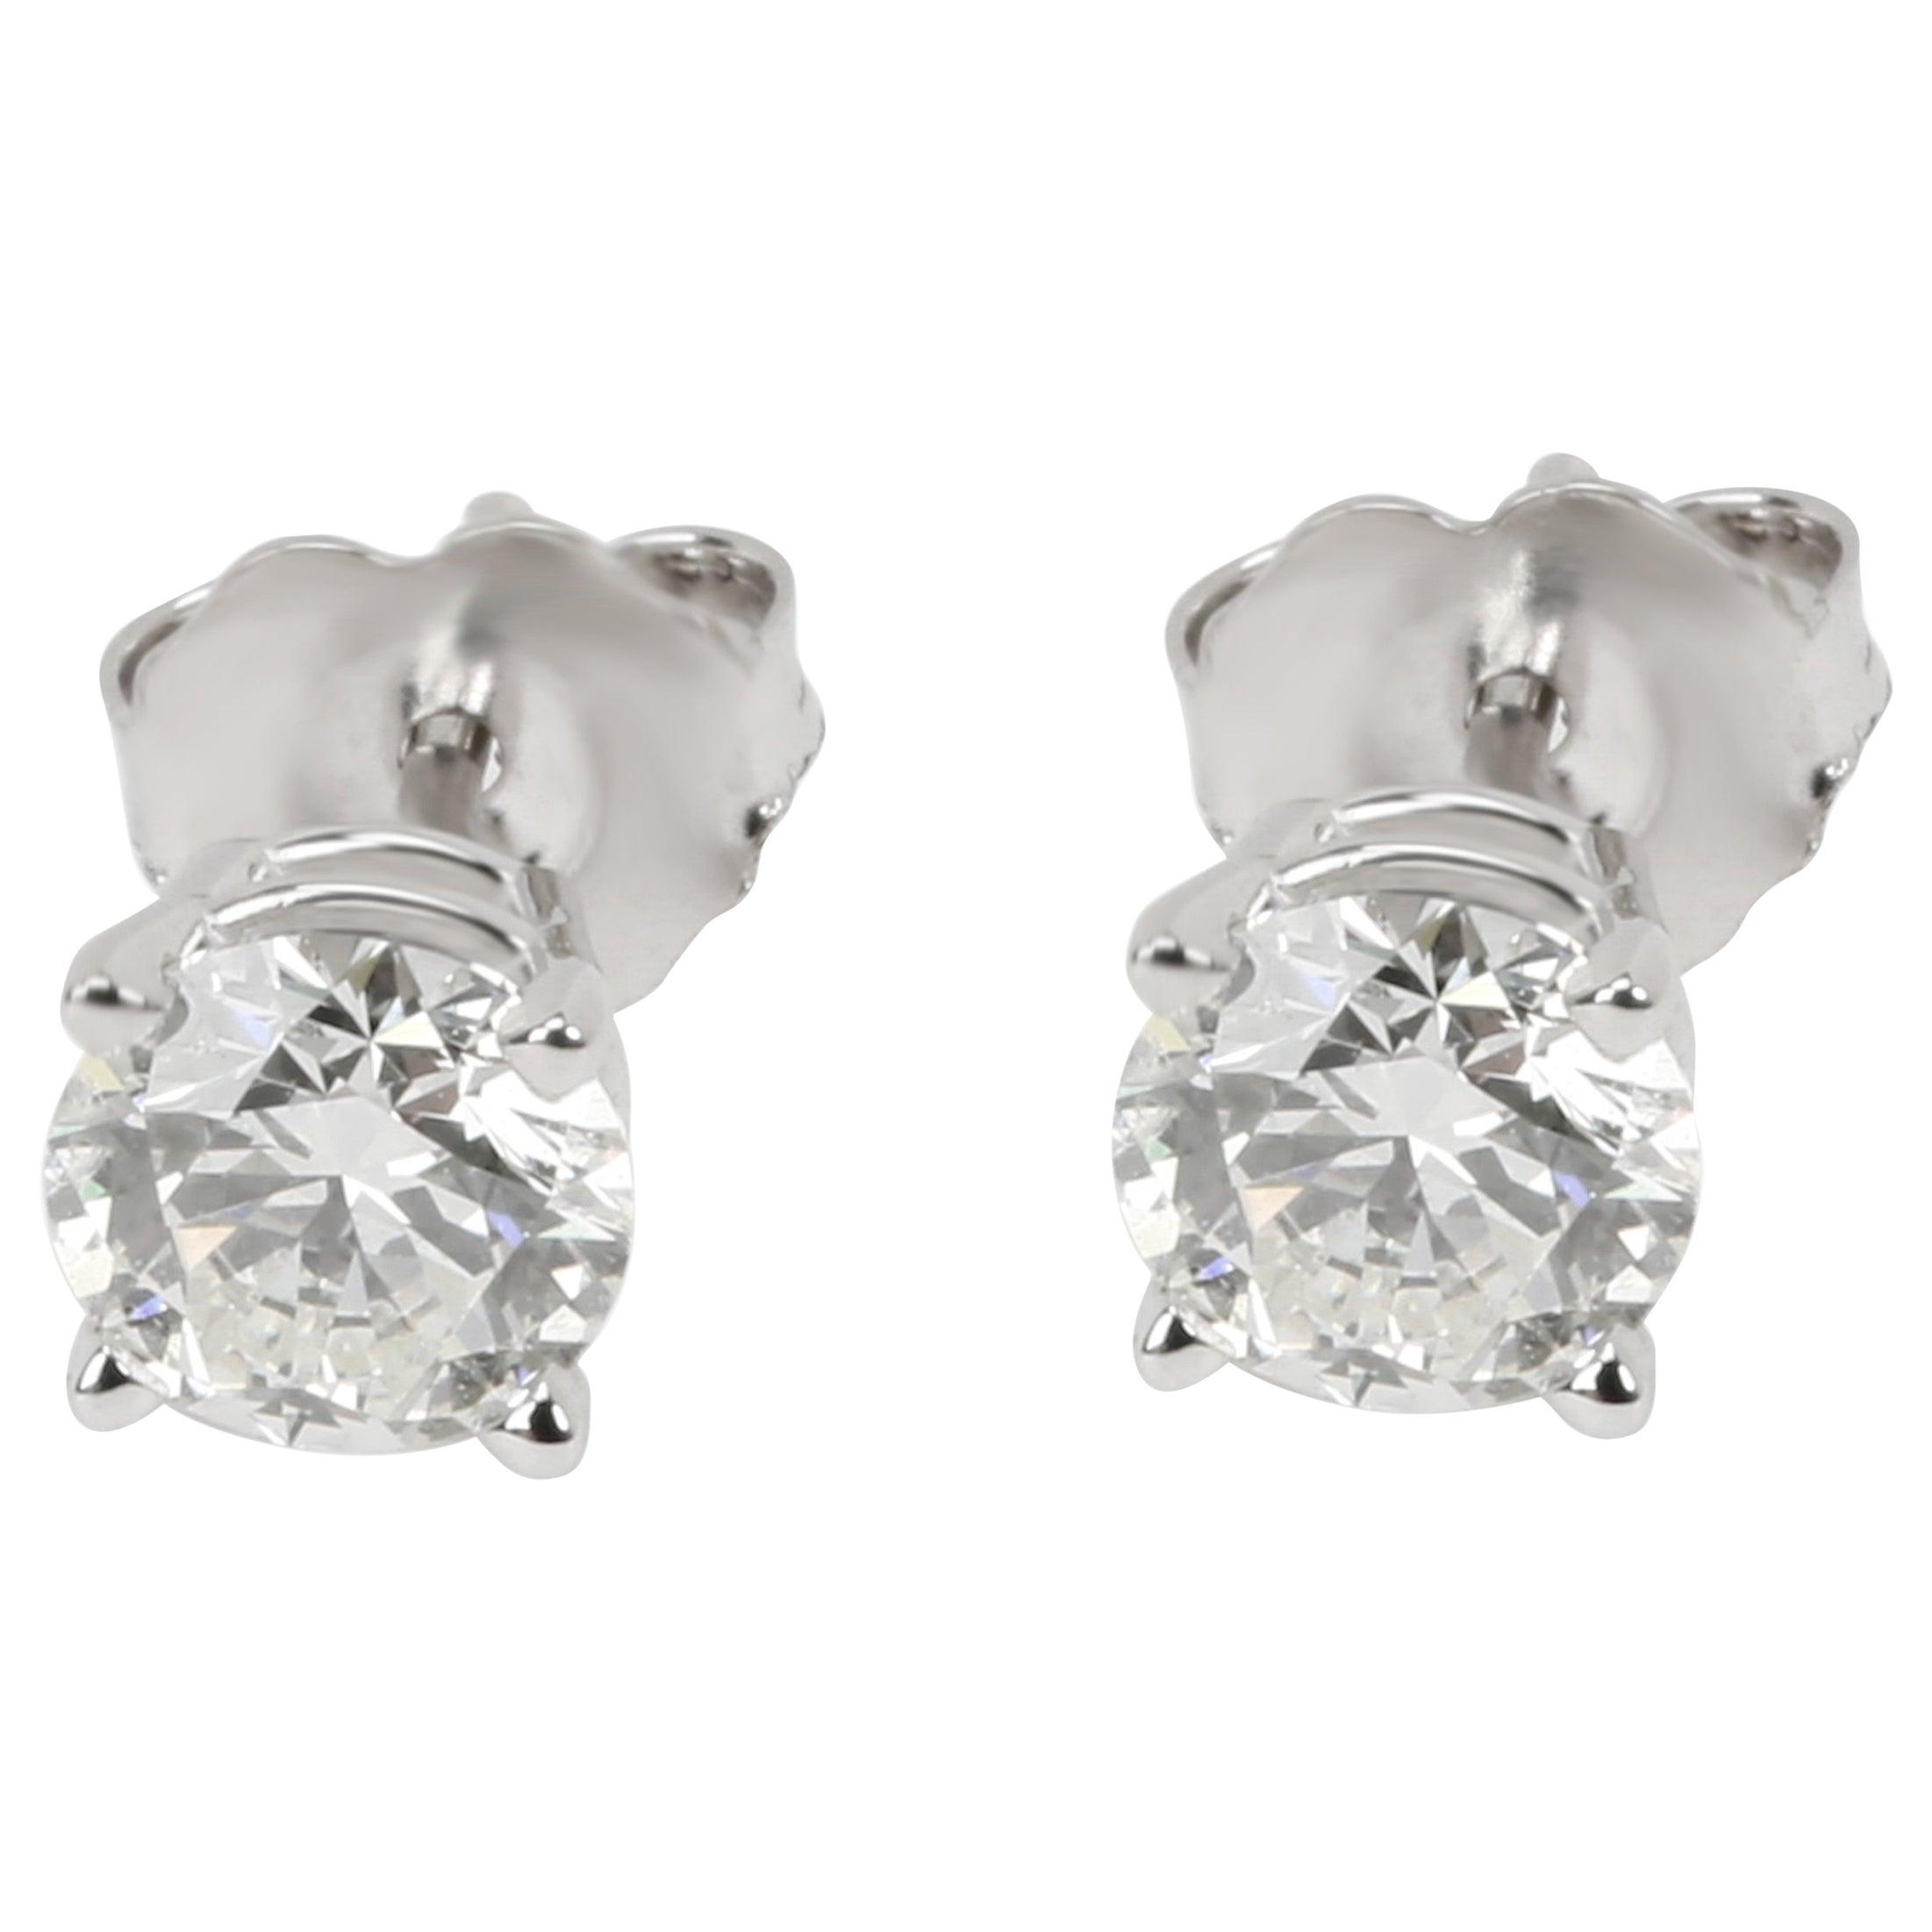 GIA Certified Diamond Stud Earring in 14 Karat White Gold 1.02 Carat